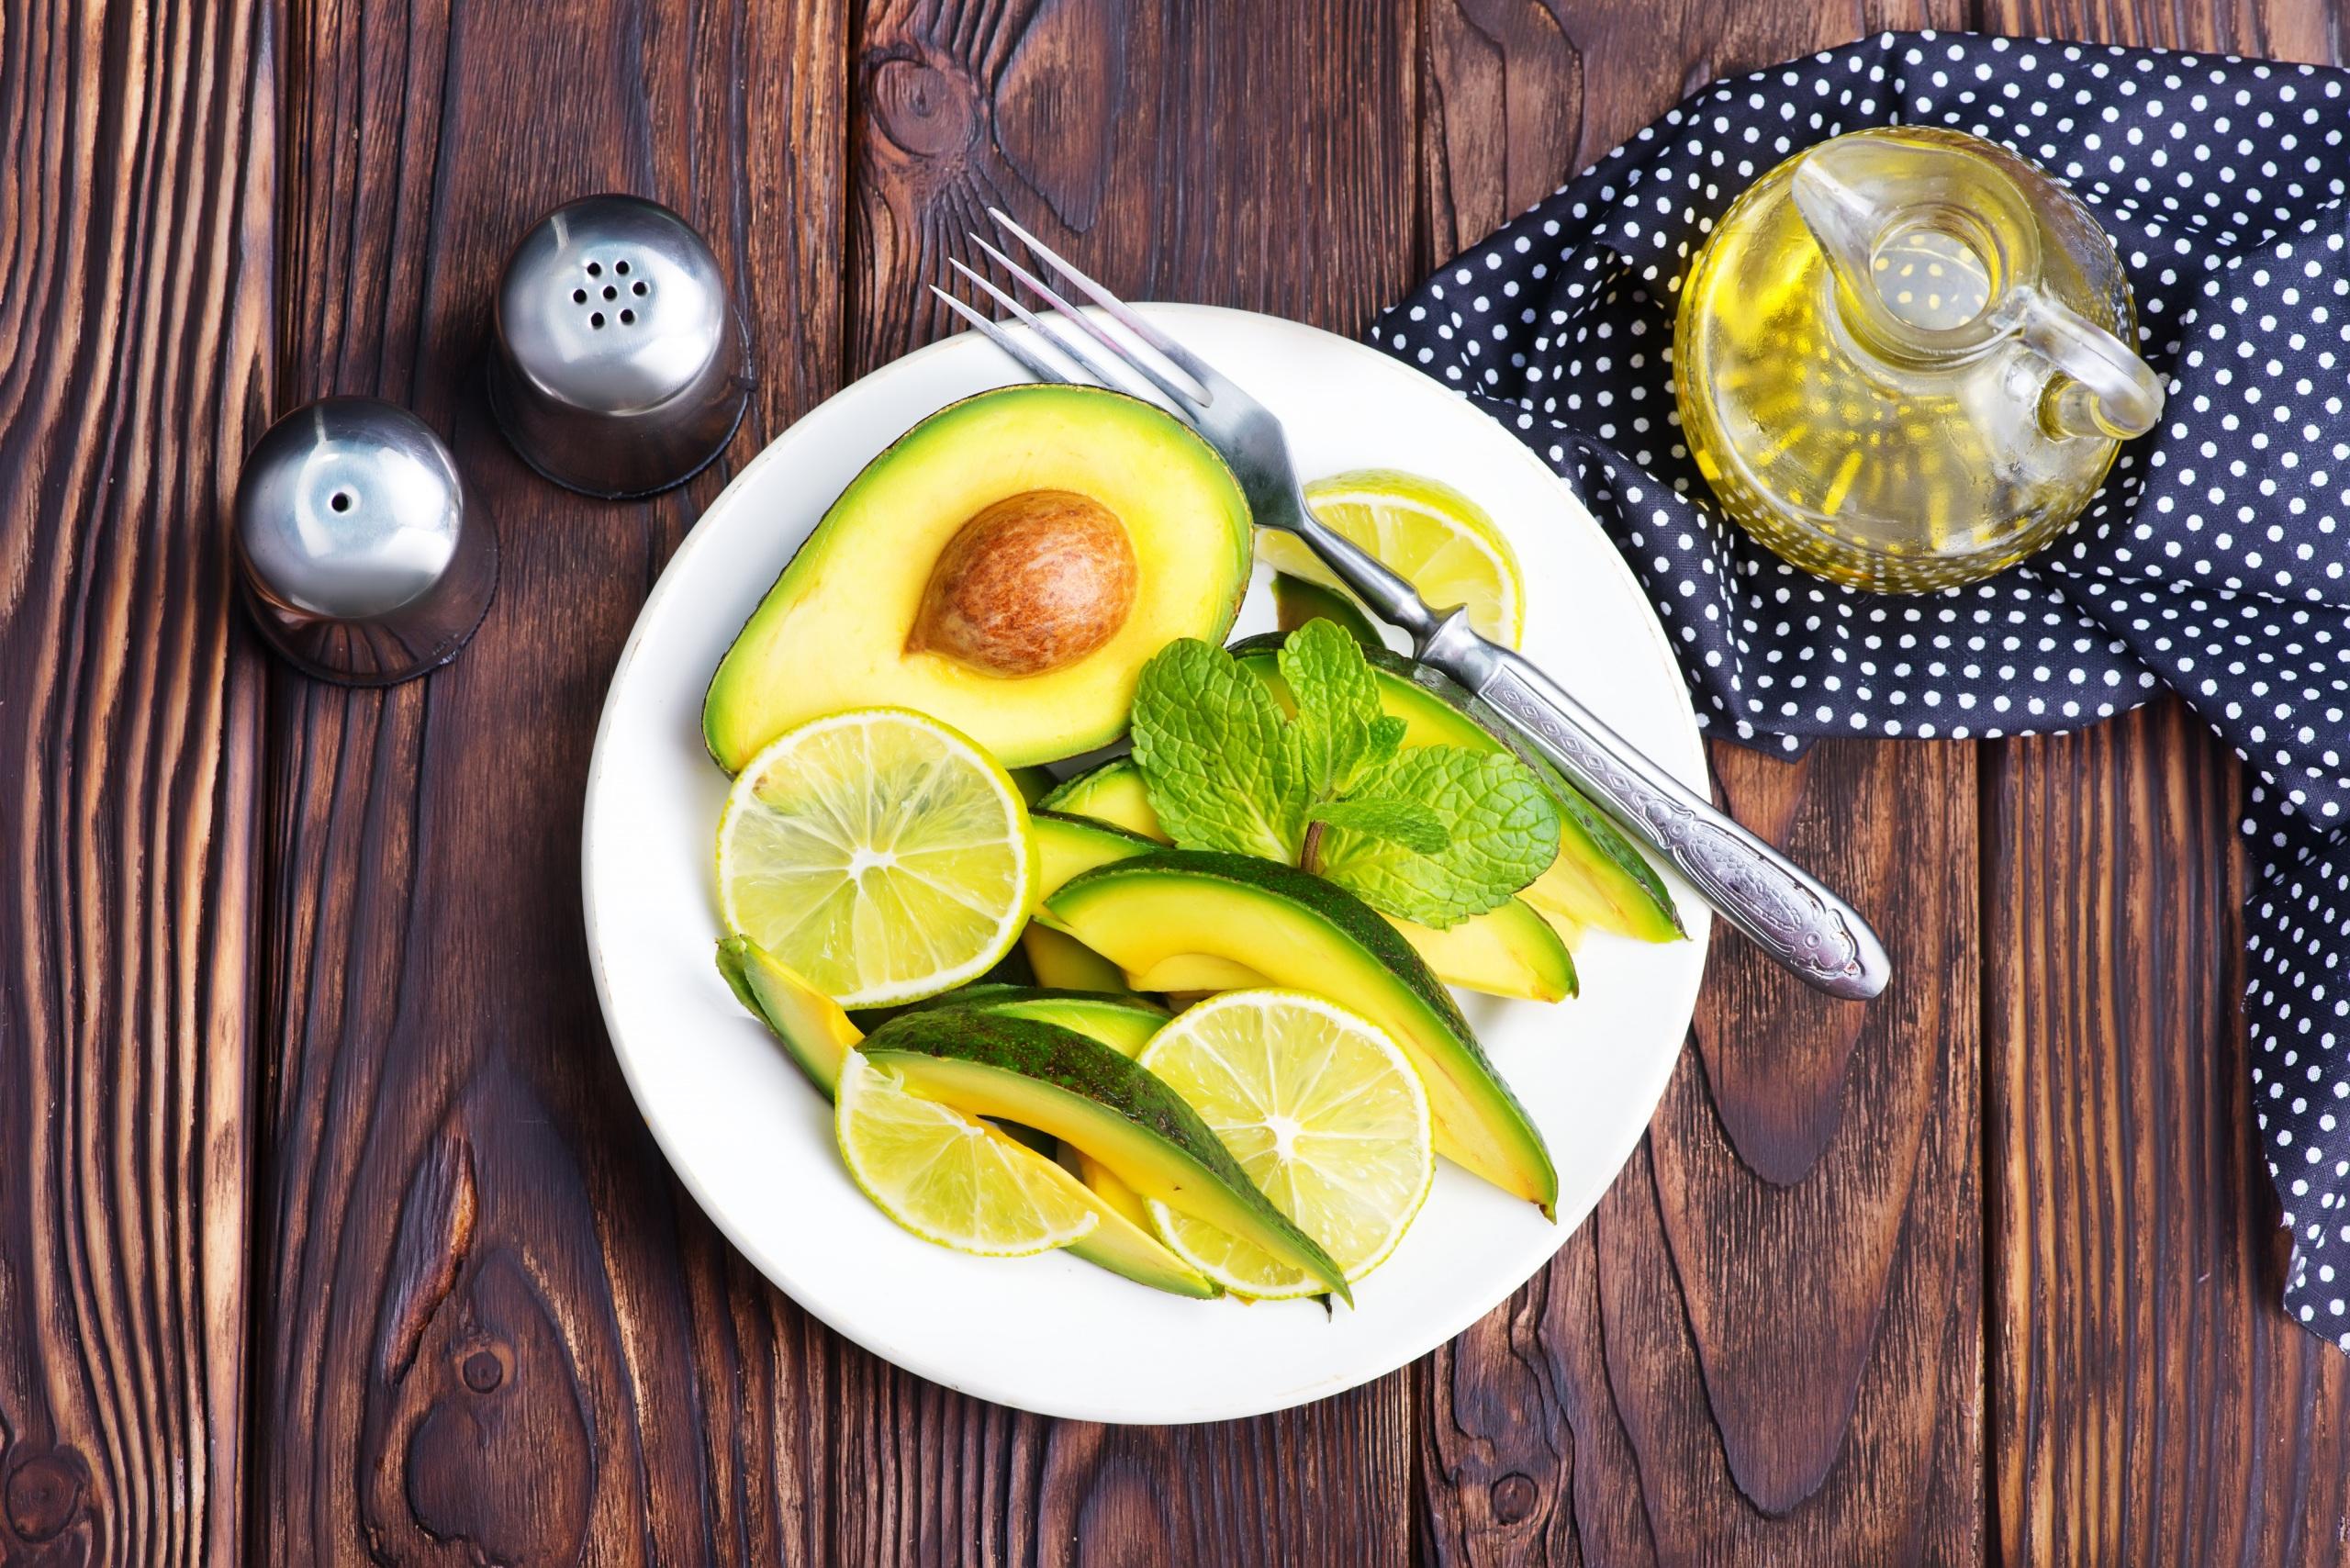 Обои для рабочего стола Лимоны Авокадо Еда вилки Салаты Тарелка Доски 2560x1708 Пища тарелке Вилка столовая Продукты питания